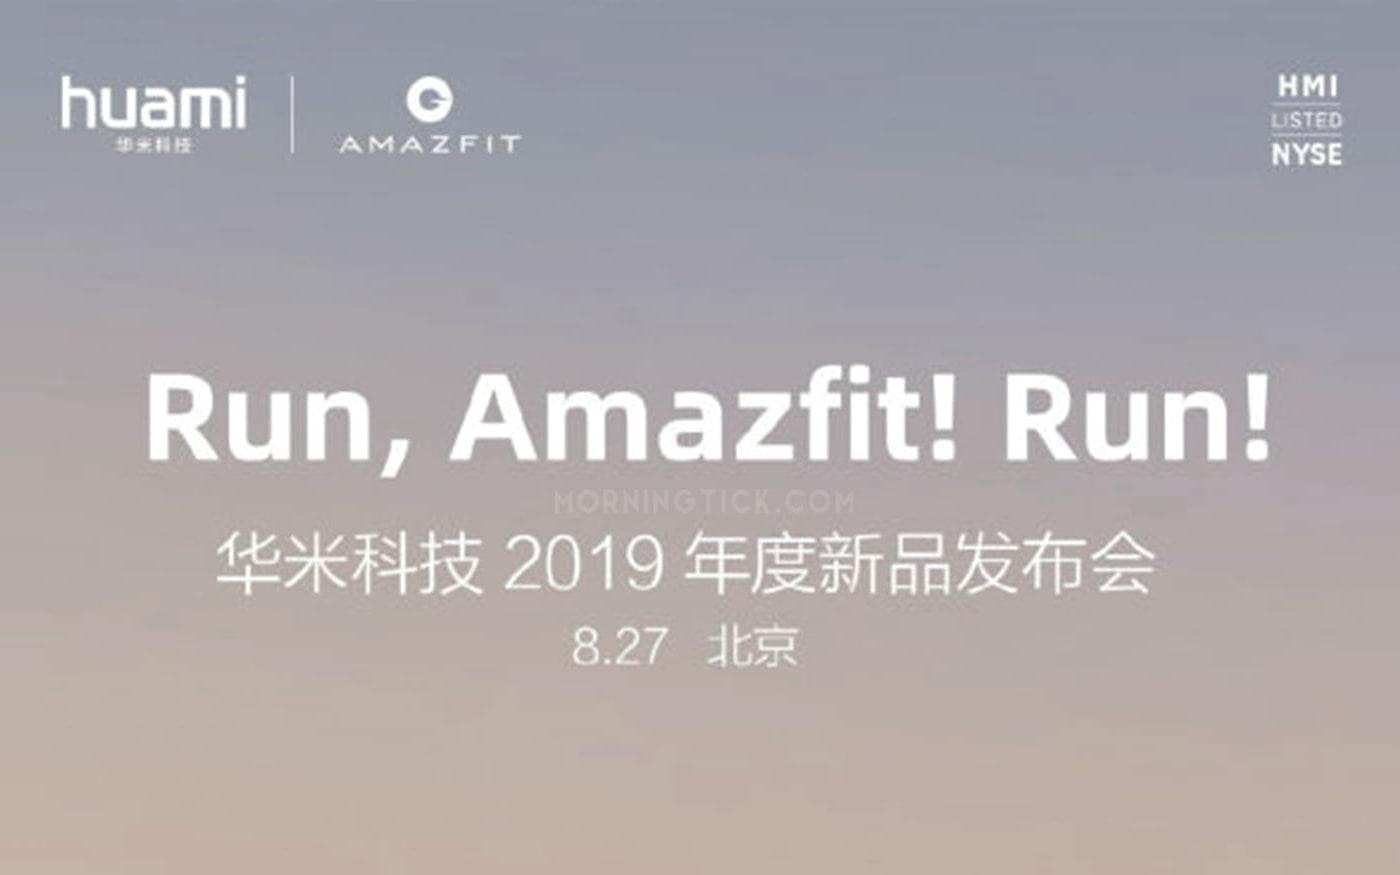 Novo smartwatch da Huami será apresentado dia 27 de agosto